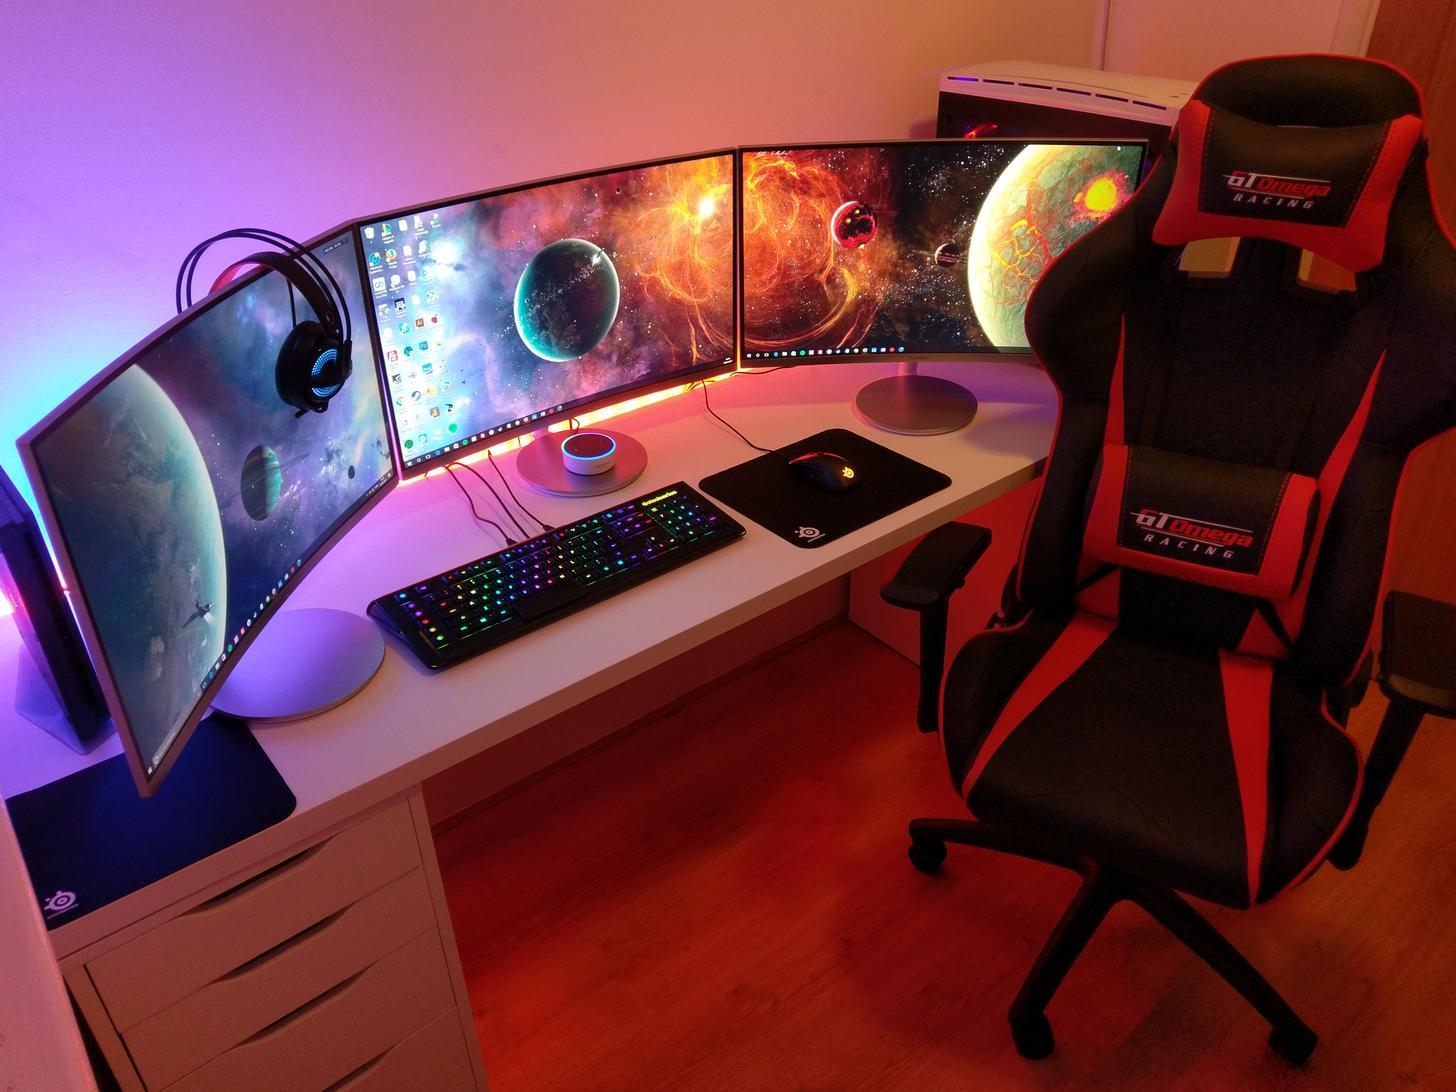 1516084709_pc gaming.jpg